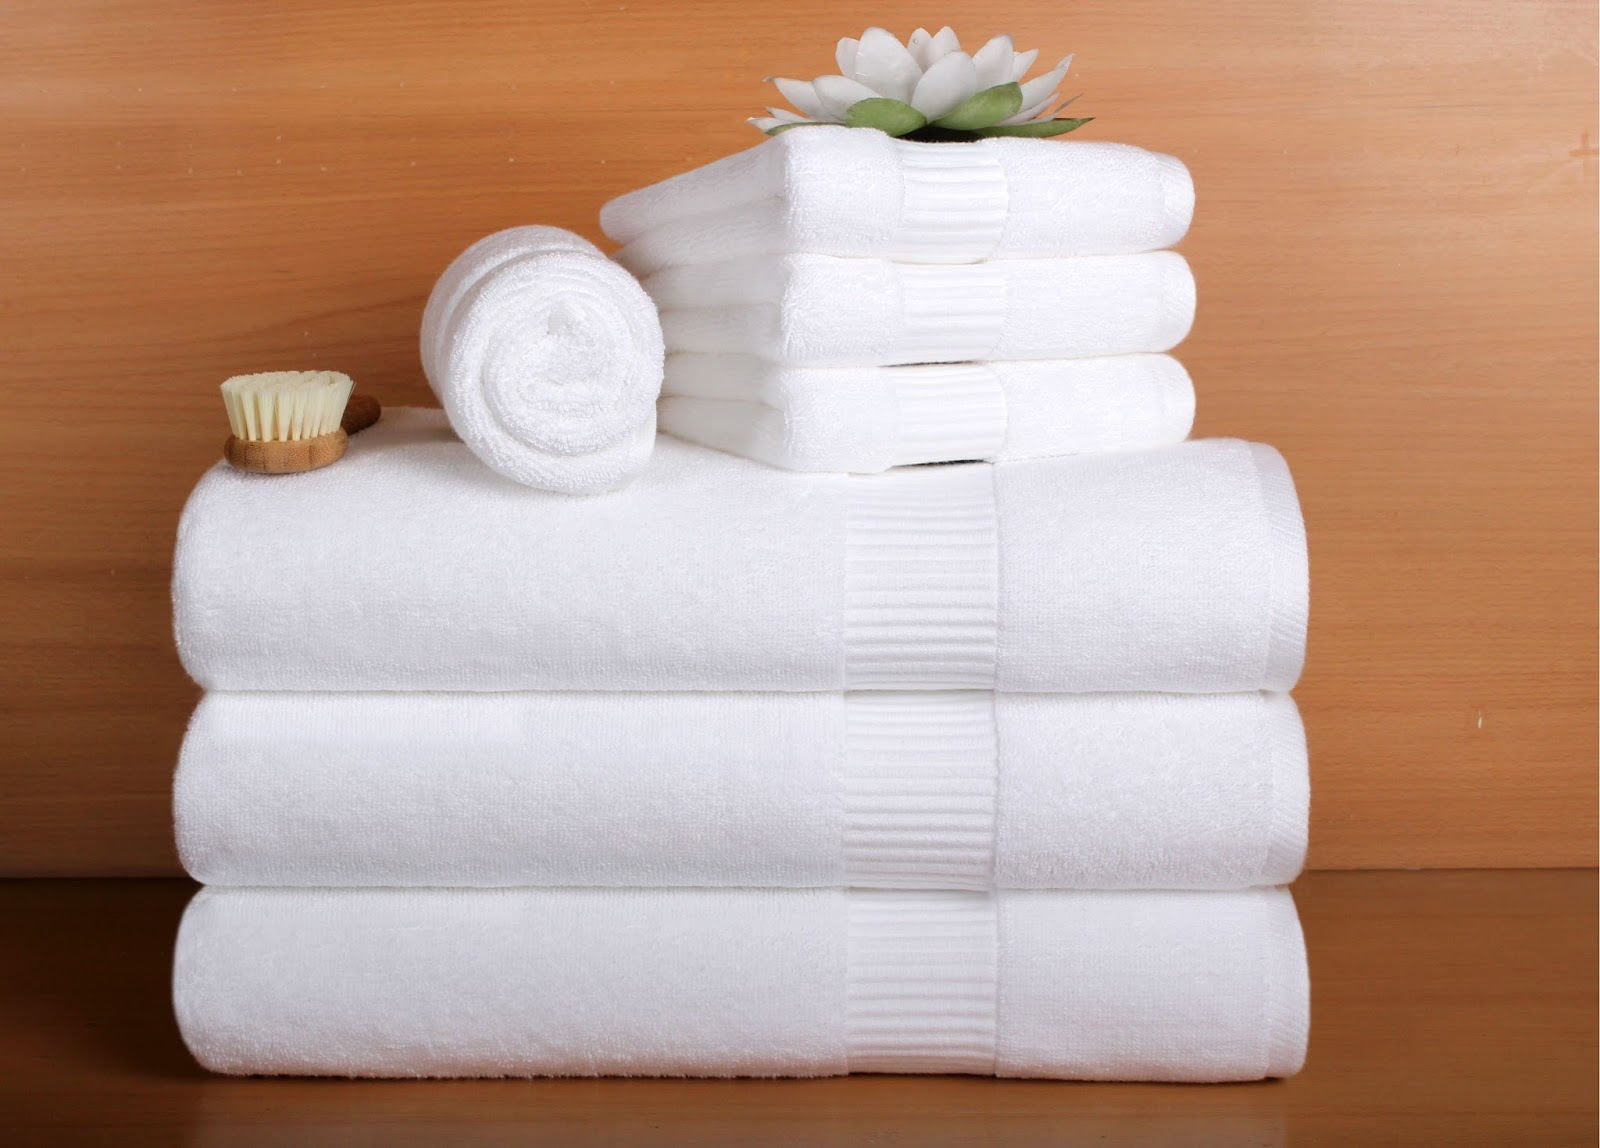 Bachas Blancas Para Baño:Toallas blancas, batas de baño, vinchas de spa, Variedad de Batas de